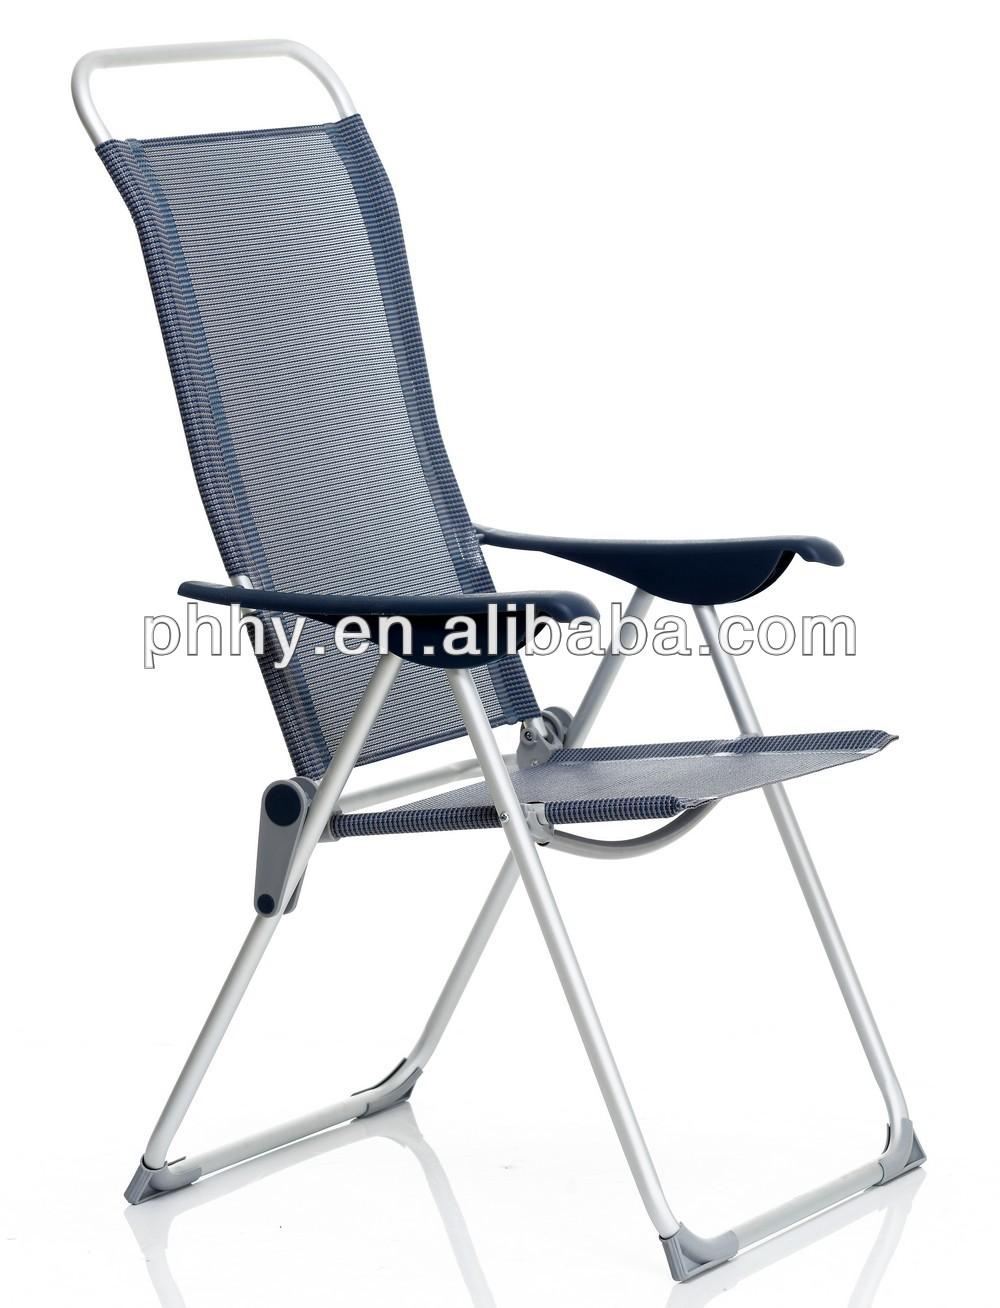 Pas cher en aluminium fauteuil pliant camping en plein air meubles chaise pli - Chaise pliable pas cher ...